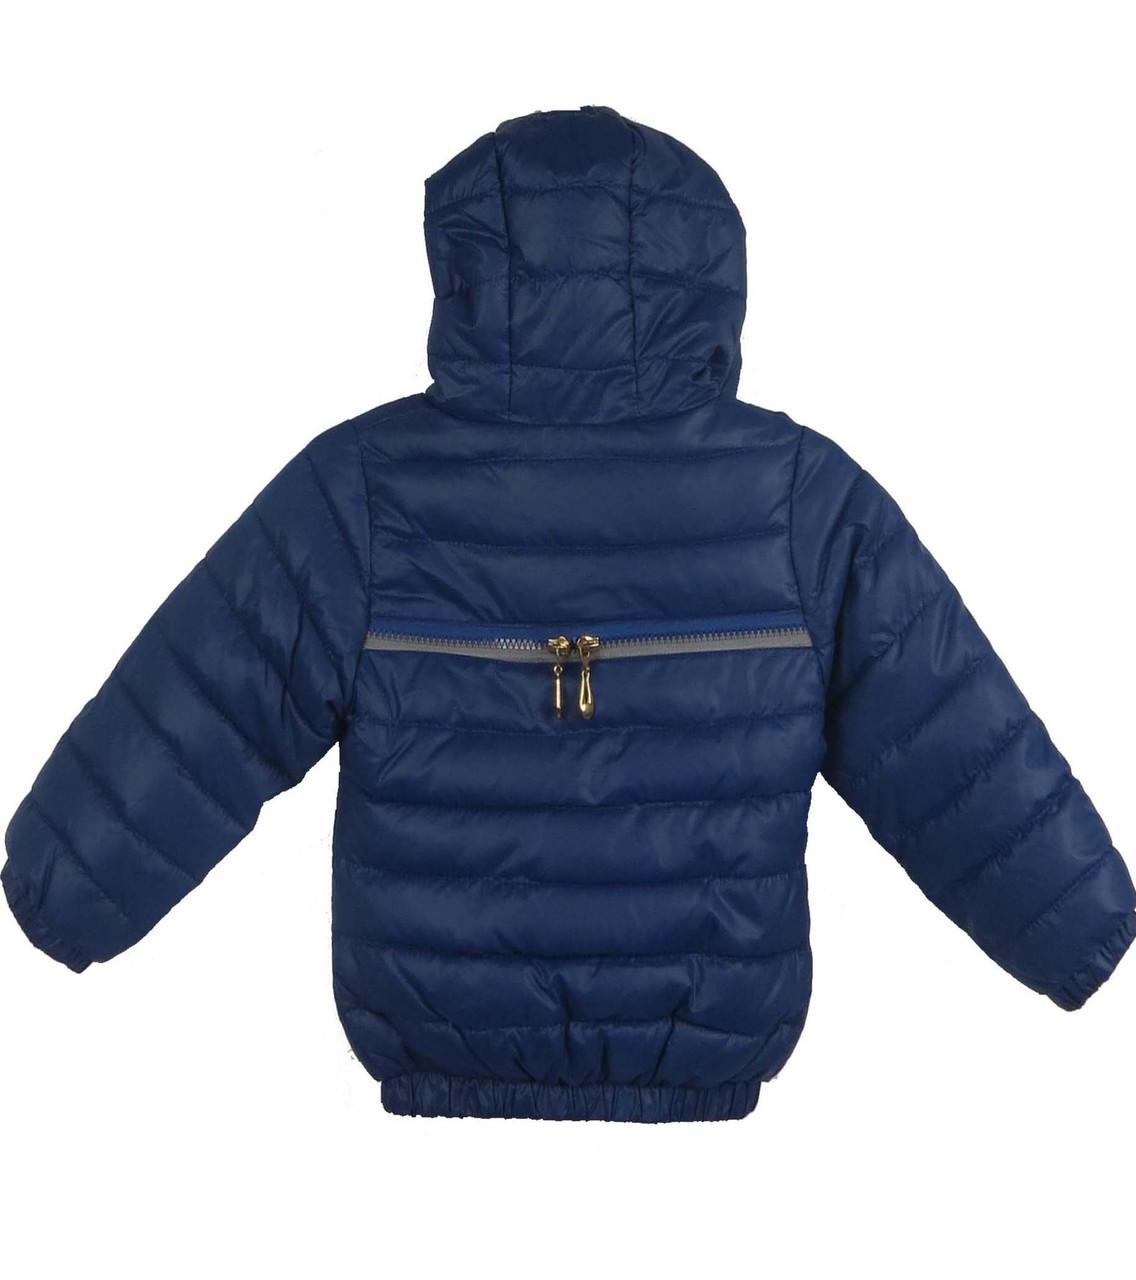 Куртка,  демисезонная 6-10 лет цвет синий 1850, фото 2